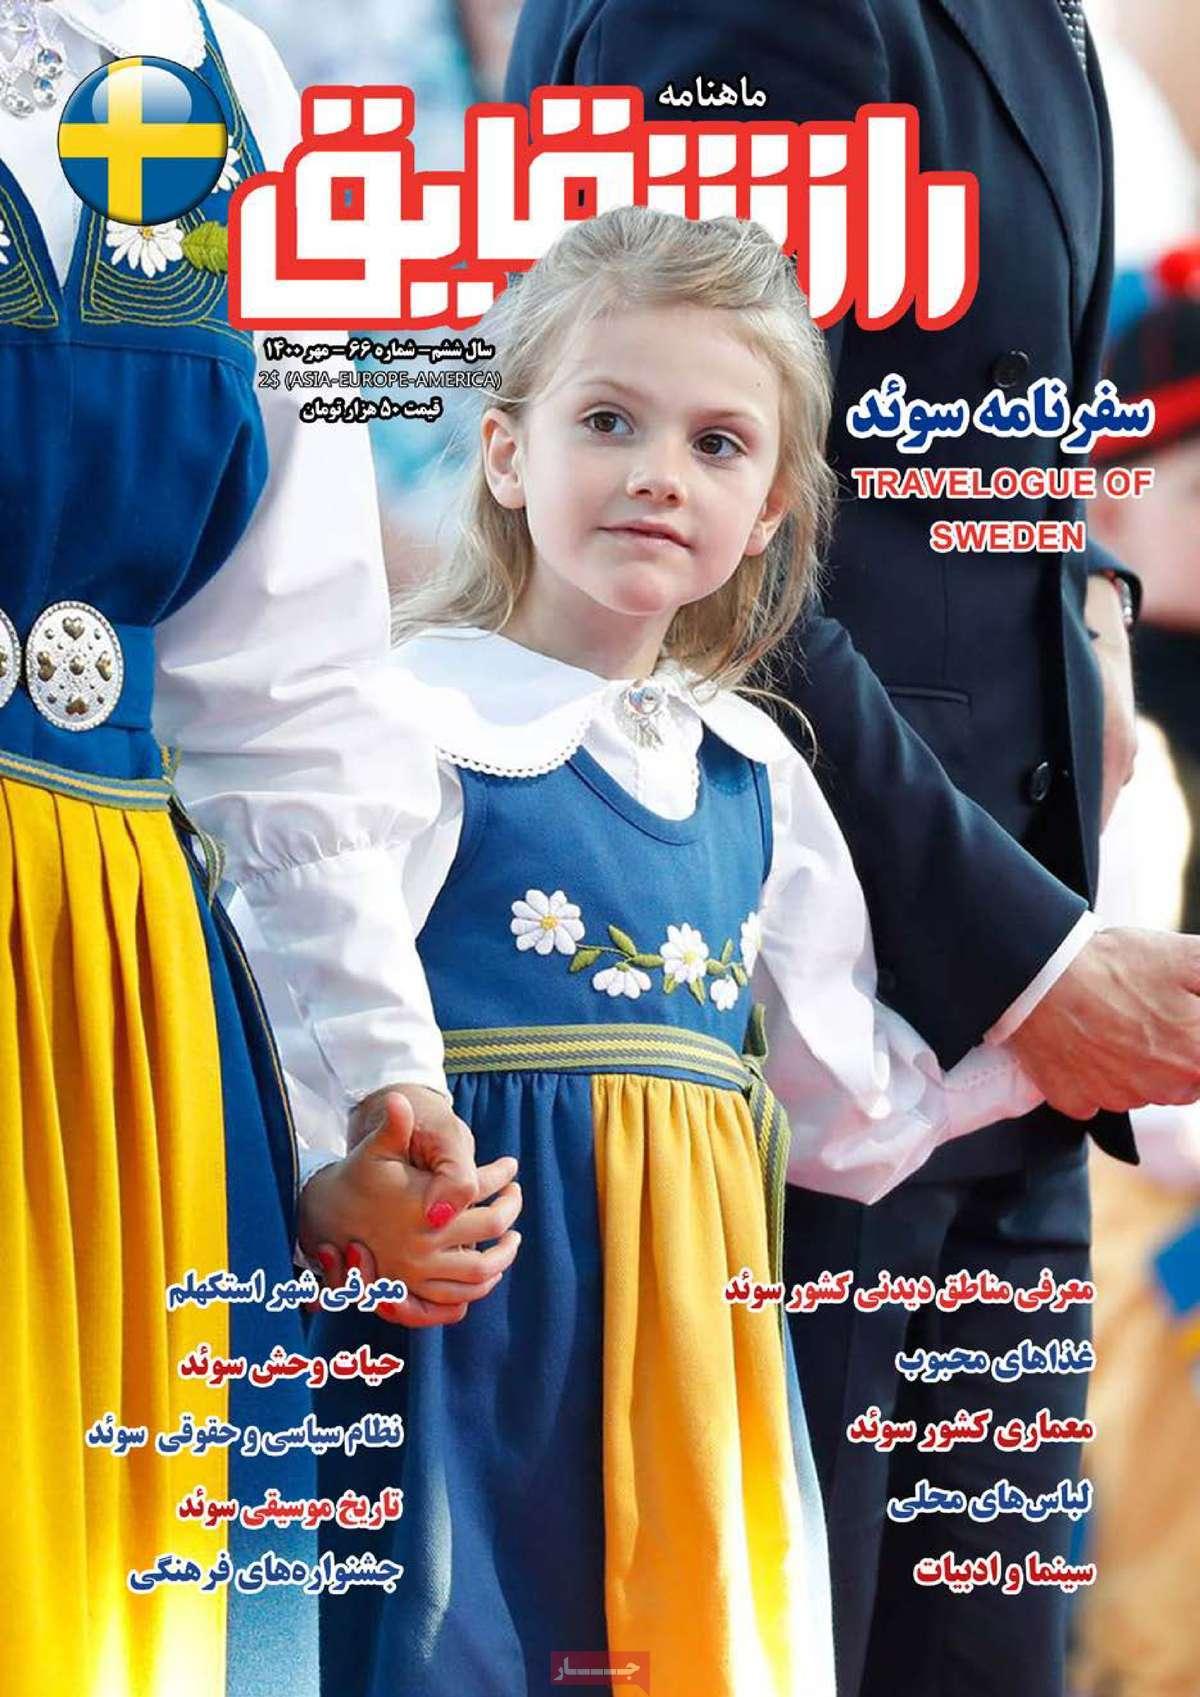 صفحه نخست مجله راز شقایق - پنجشنبه, ۰۱ مهر ۱۴۰۰